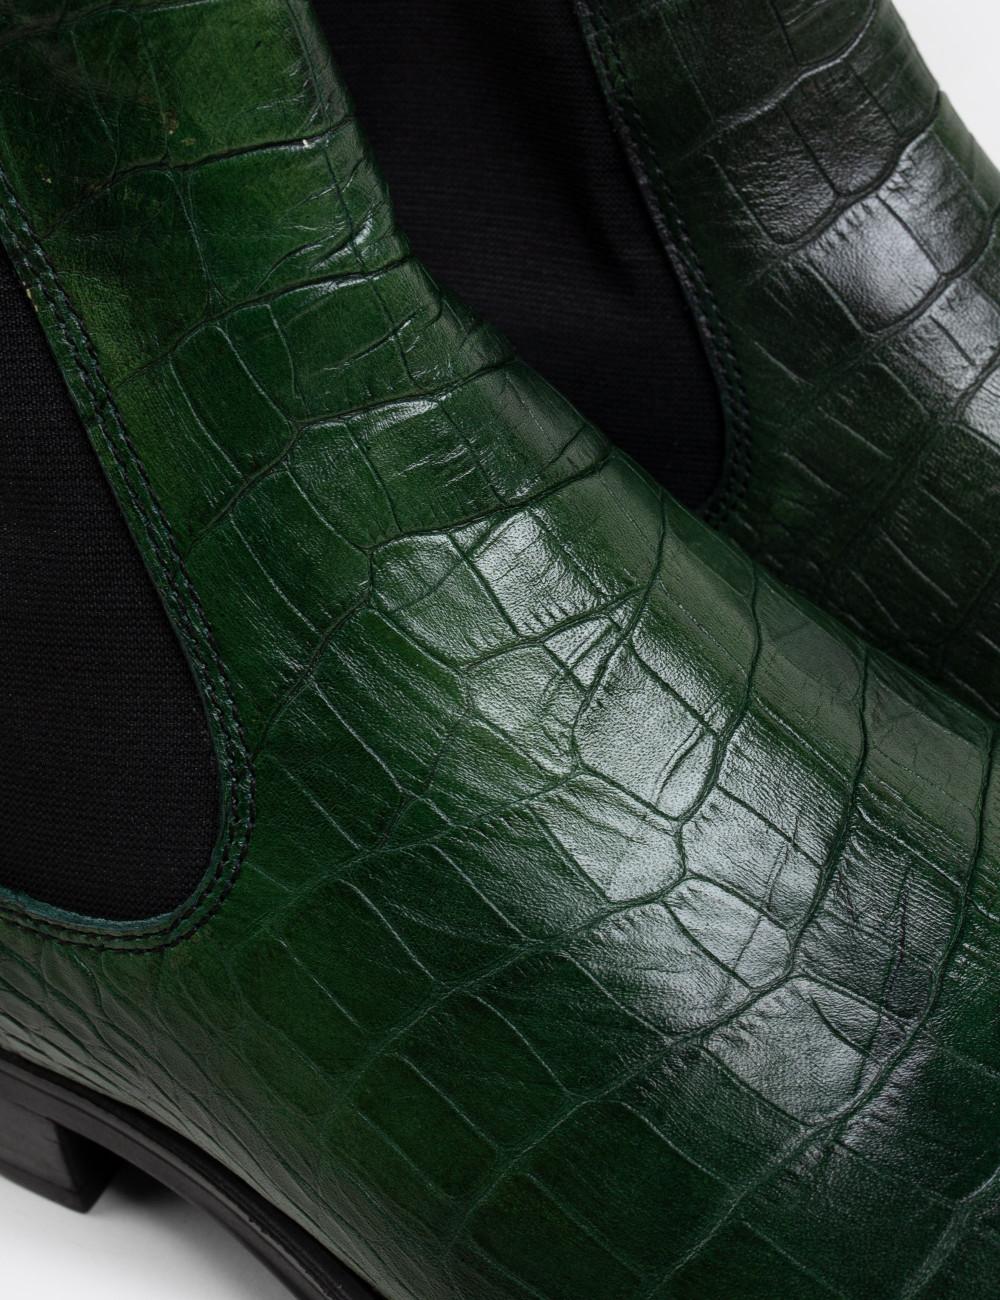 Hakiki Deri Kroko Özel Üretim Yeşil Chelsea Erkek Bot - 01620MYSLC02